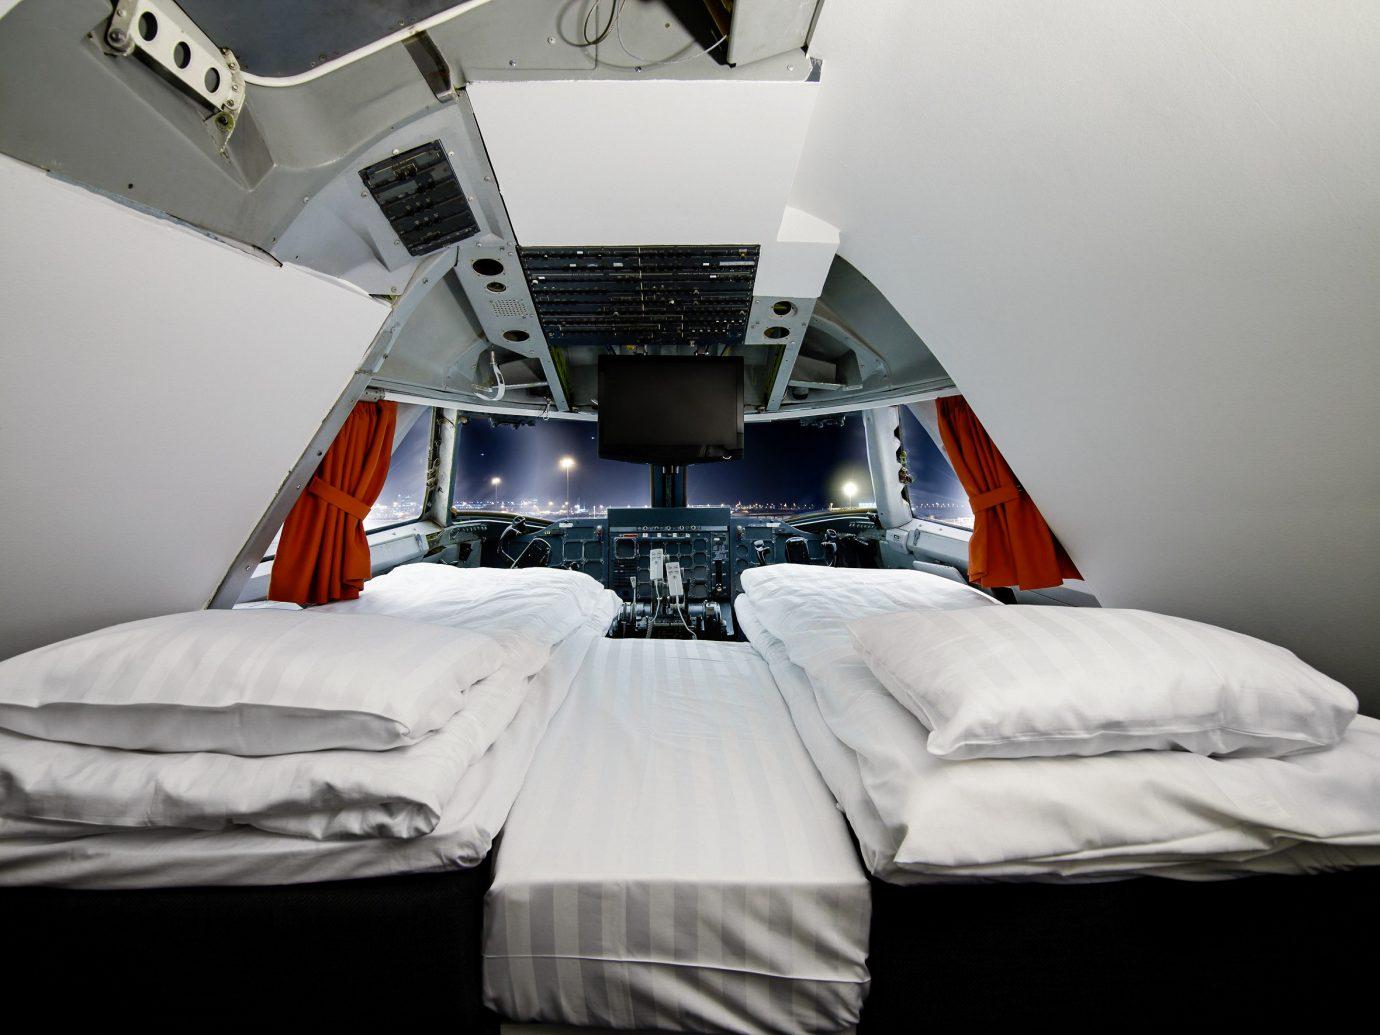 Boutique Hotels Sweden room bed Bedroom furniture product design interior design mattress daylighting